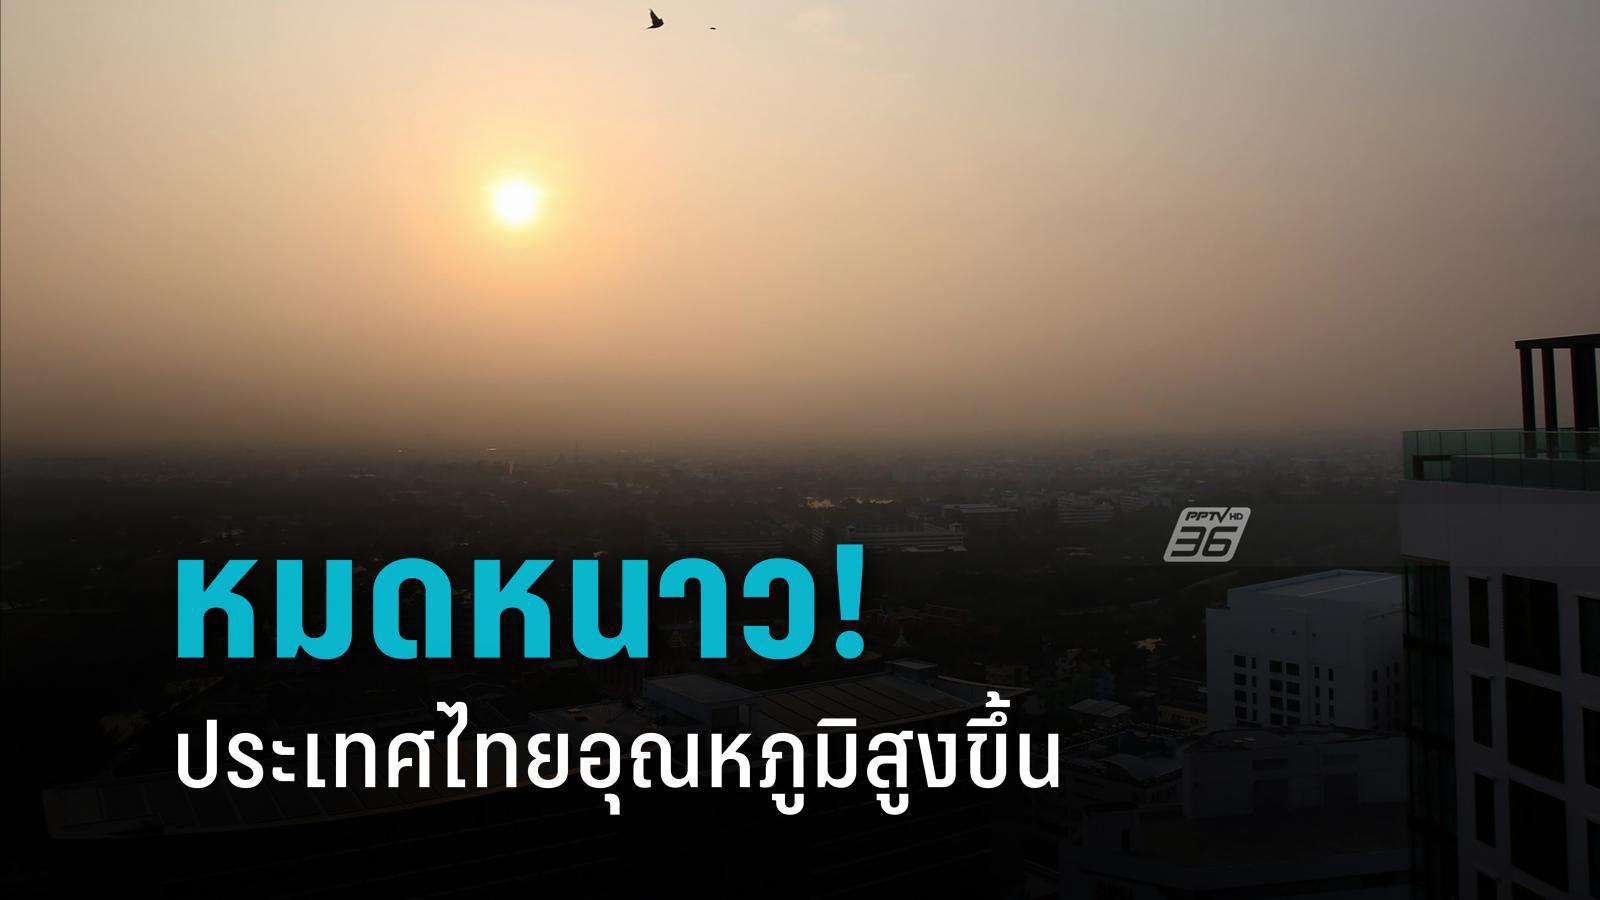 หมดหนาว! ไทยอุณหภูมิสูงขึ้น มีลมอ่อน อาจสะสมฝุ่น PM2.5